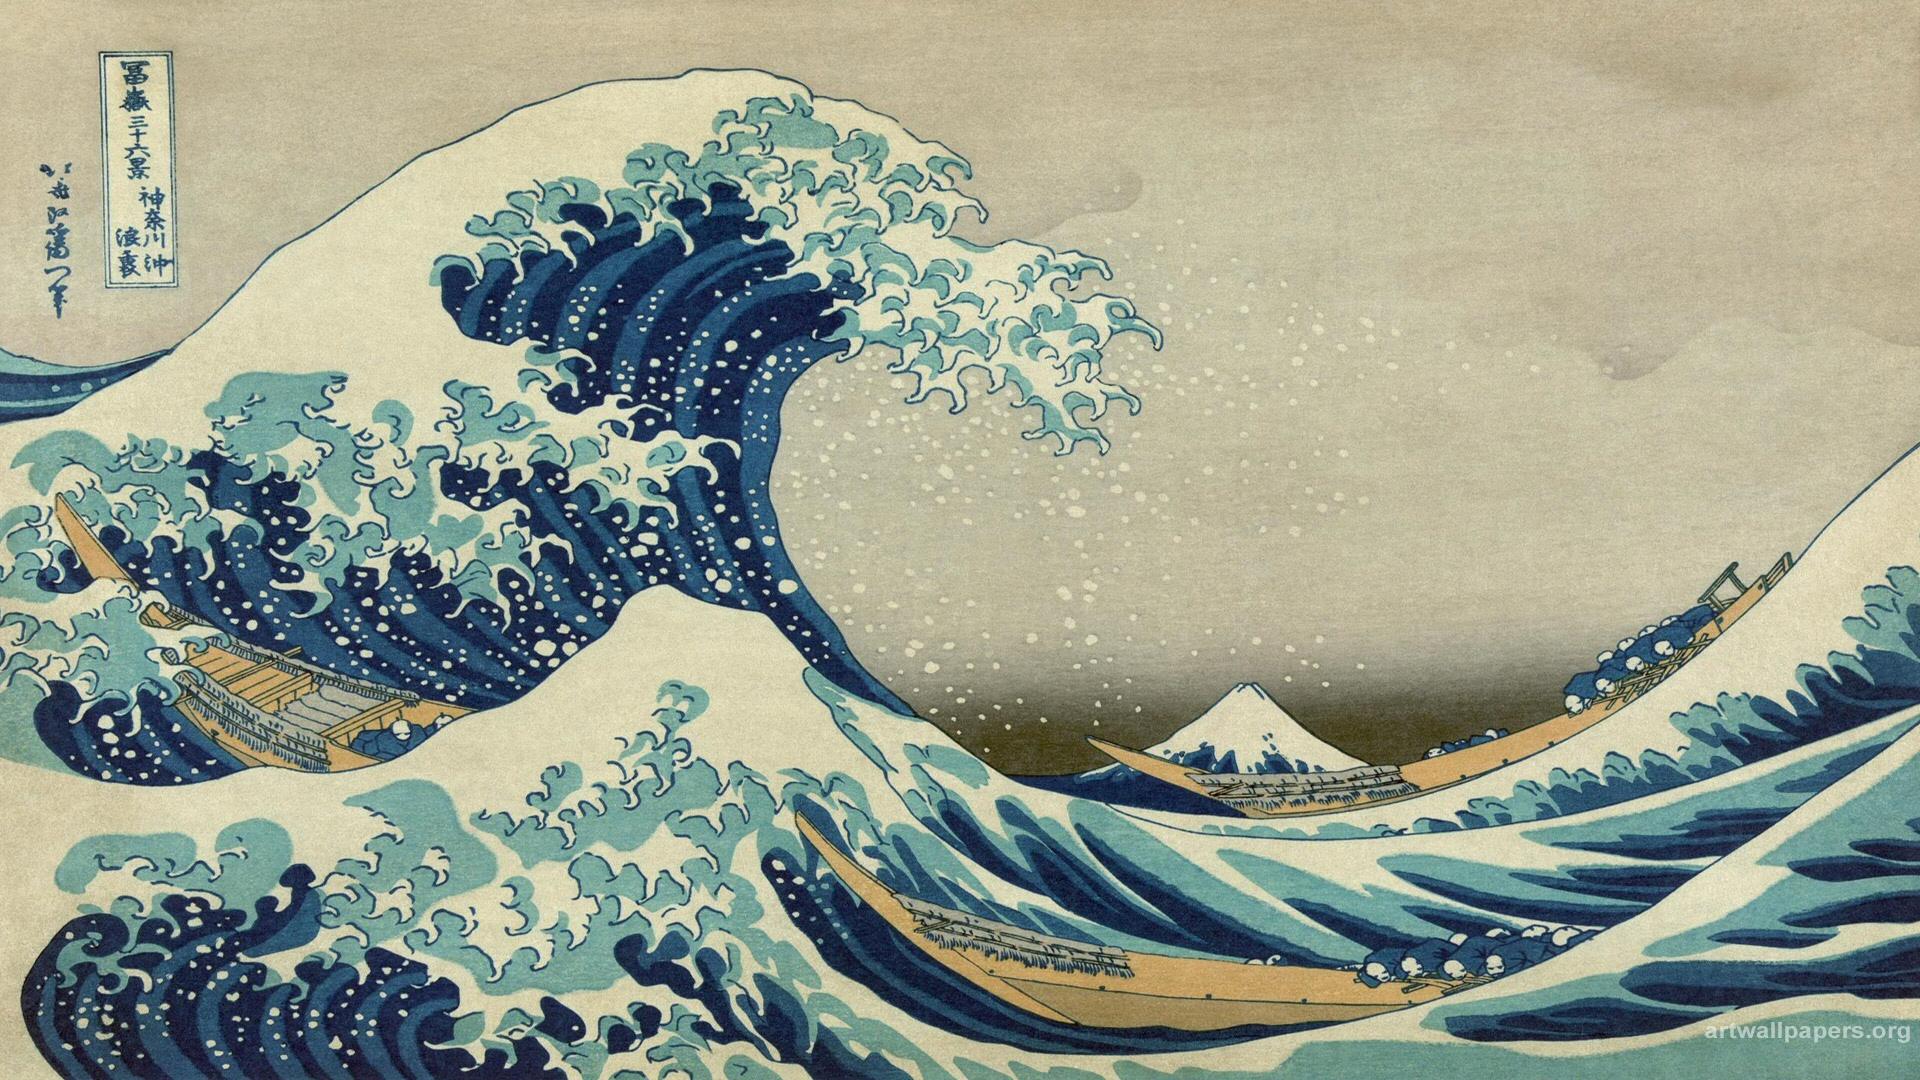 Art Wallpapers Paintings Artworks My Best Top 30 Artist Desktop Art 1920x1080